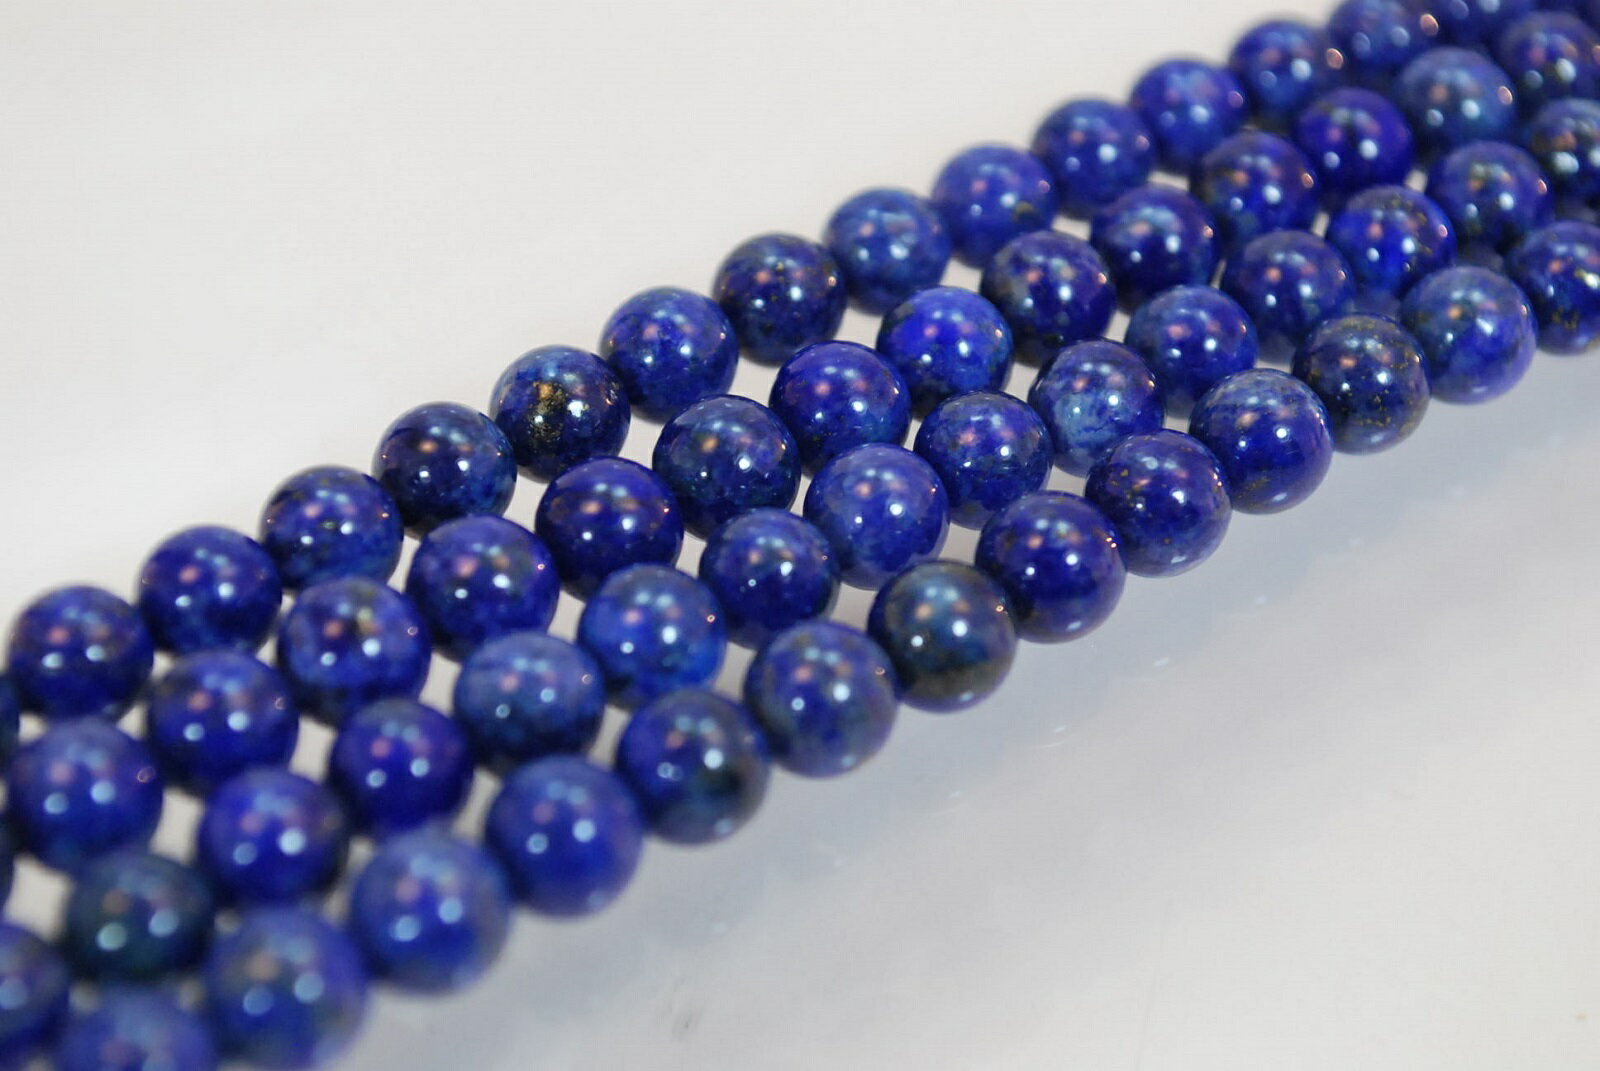 天然石 ラピス 8mm 40cm ネックレス ブレスレット用 ゴムひも 付き  532P15May16   ポイント5倍